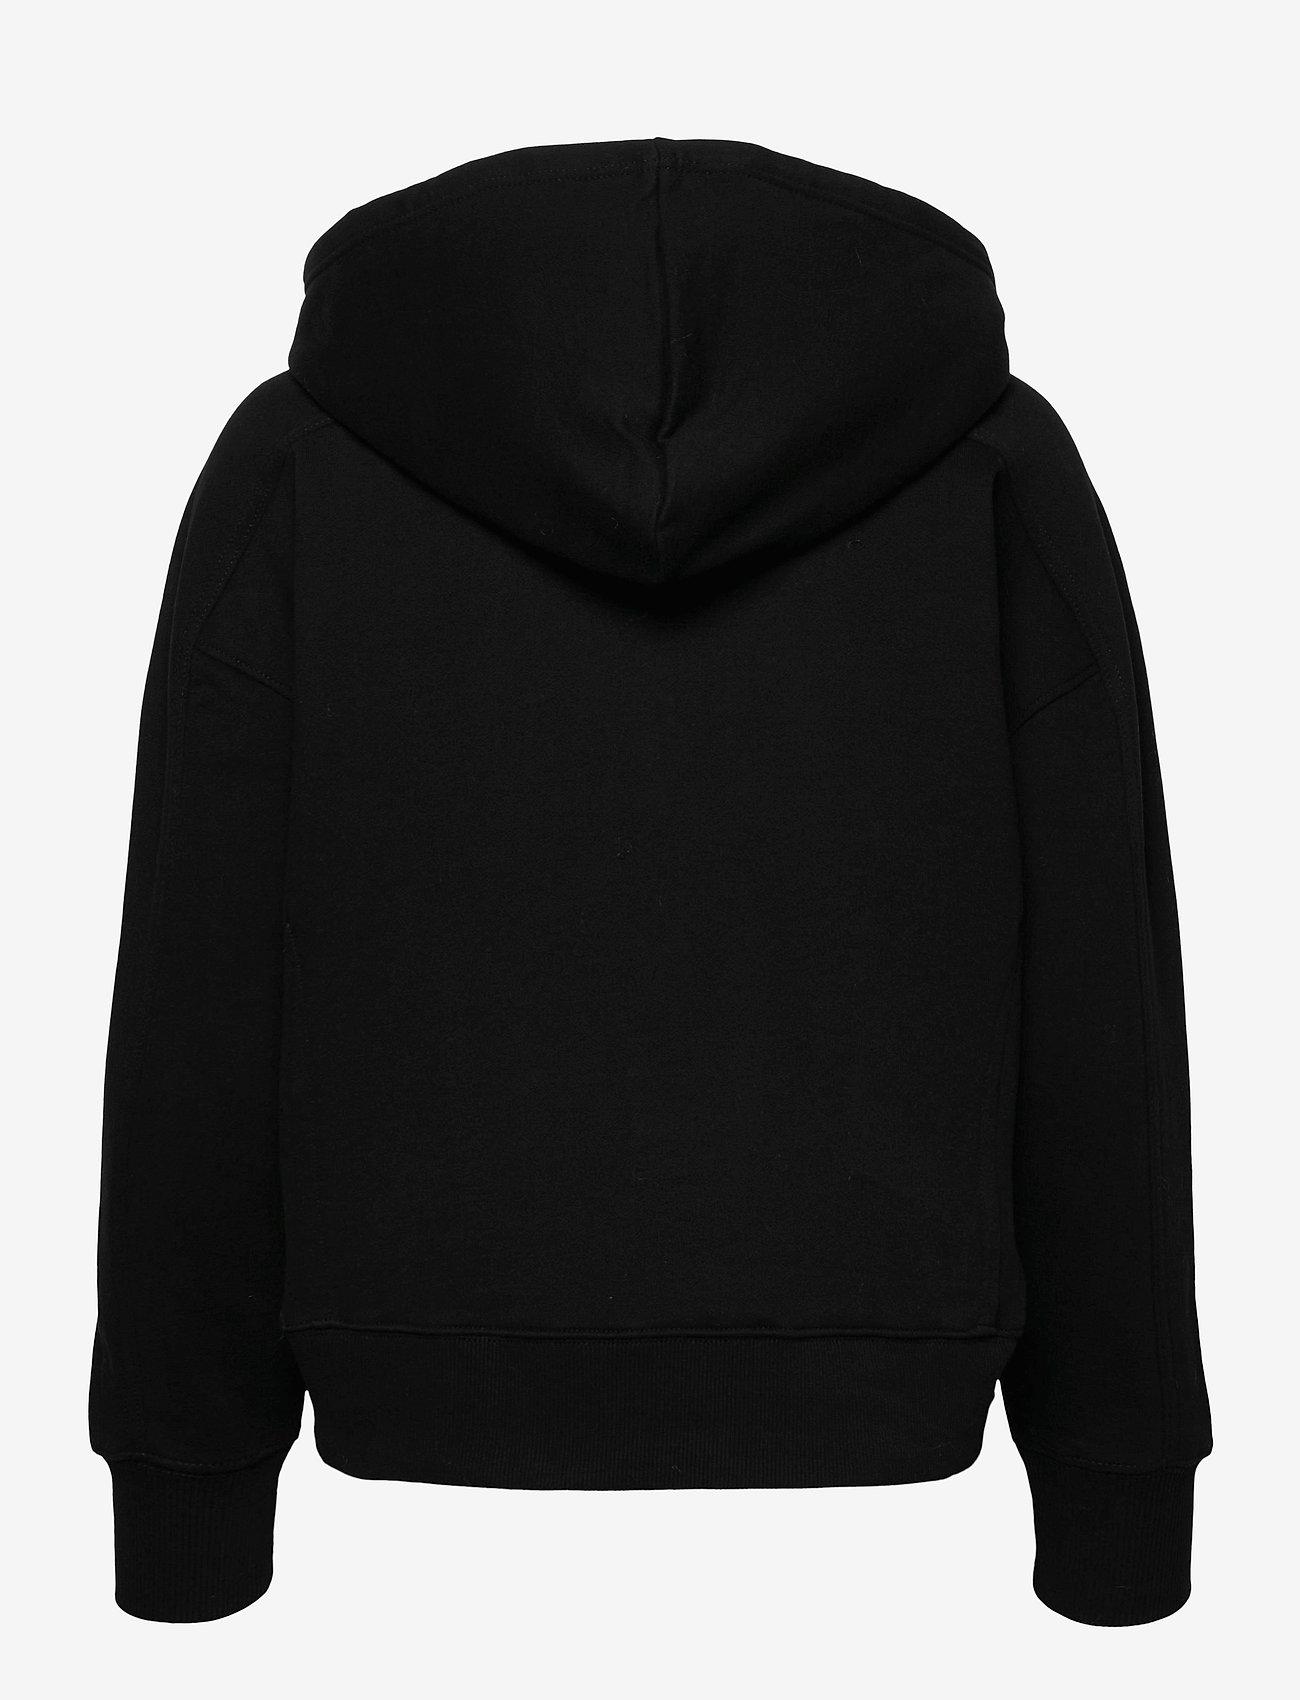 Calvin Klein Jeans - MICRO BRANDING HOODIE - gensere og hettegensere - ck black - 1